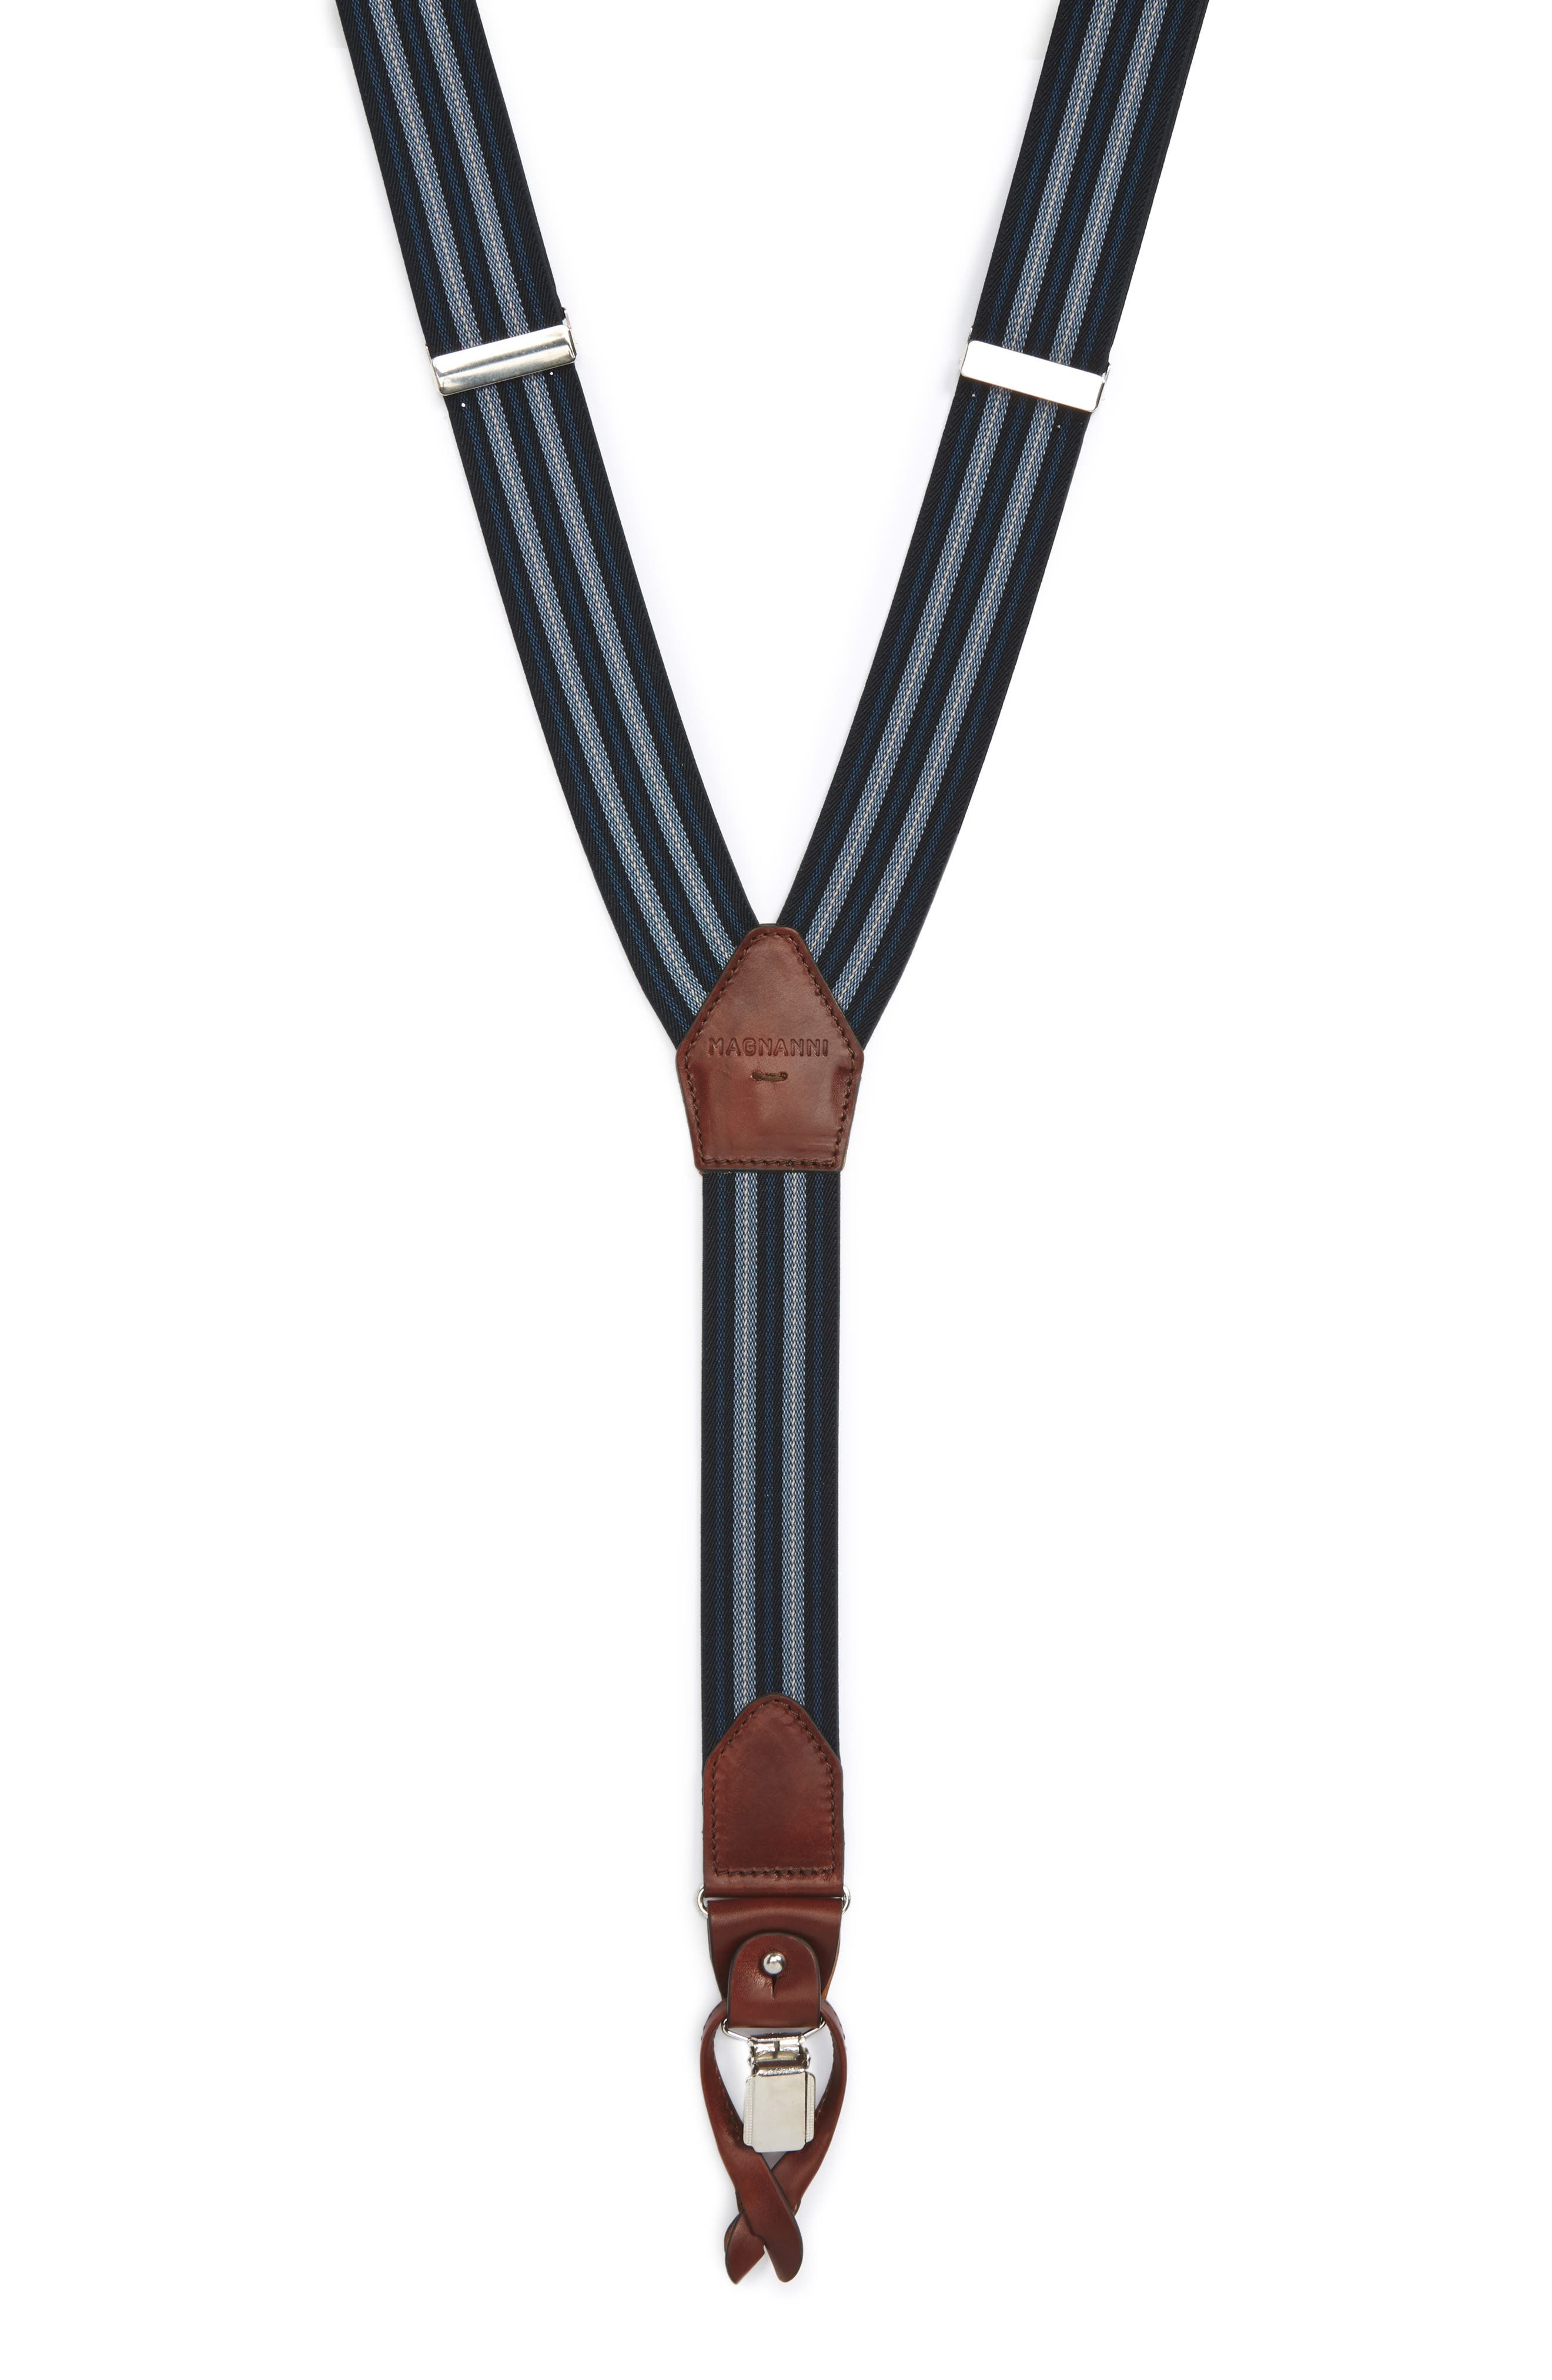 Magnanni Diplomat Suspenders